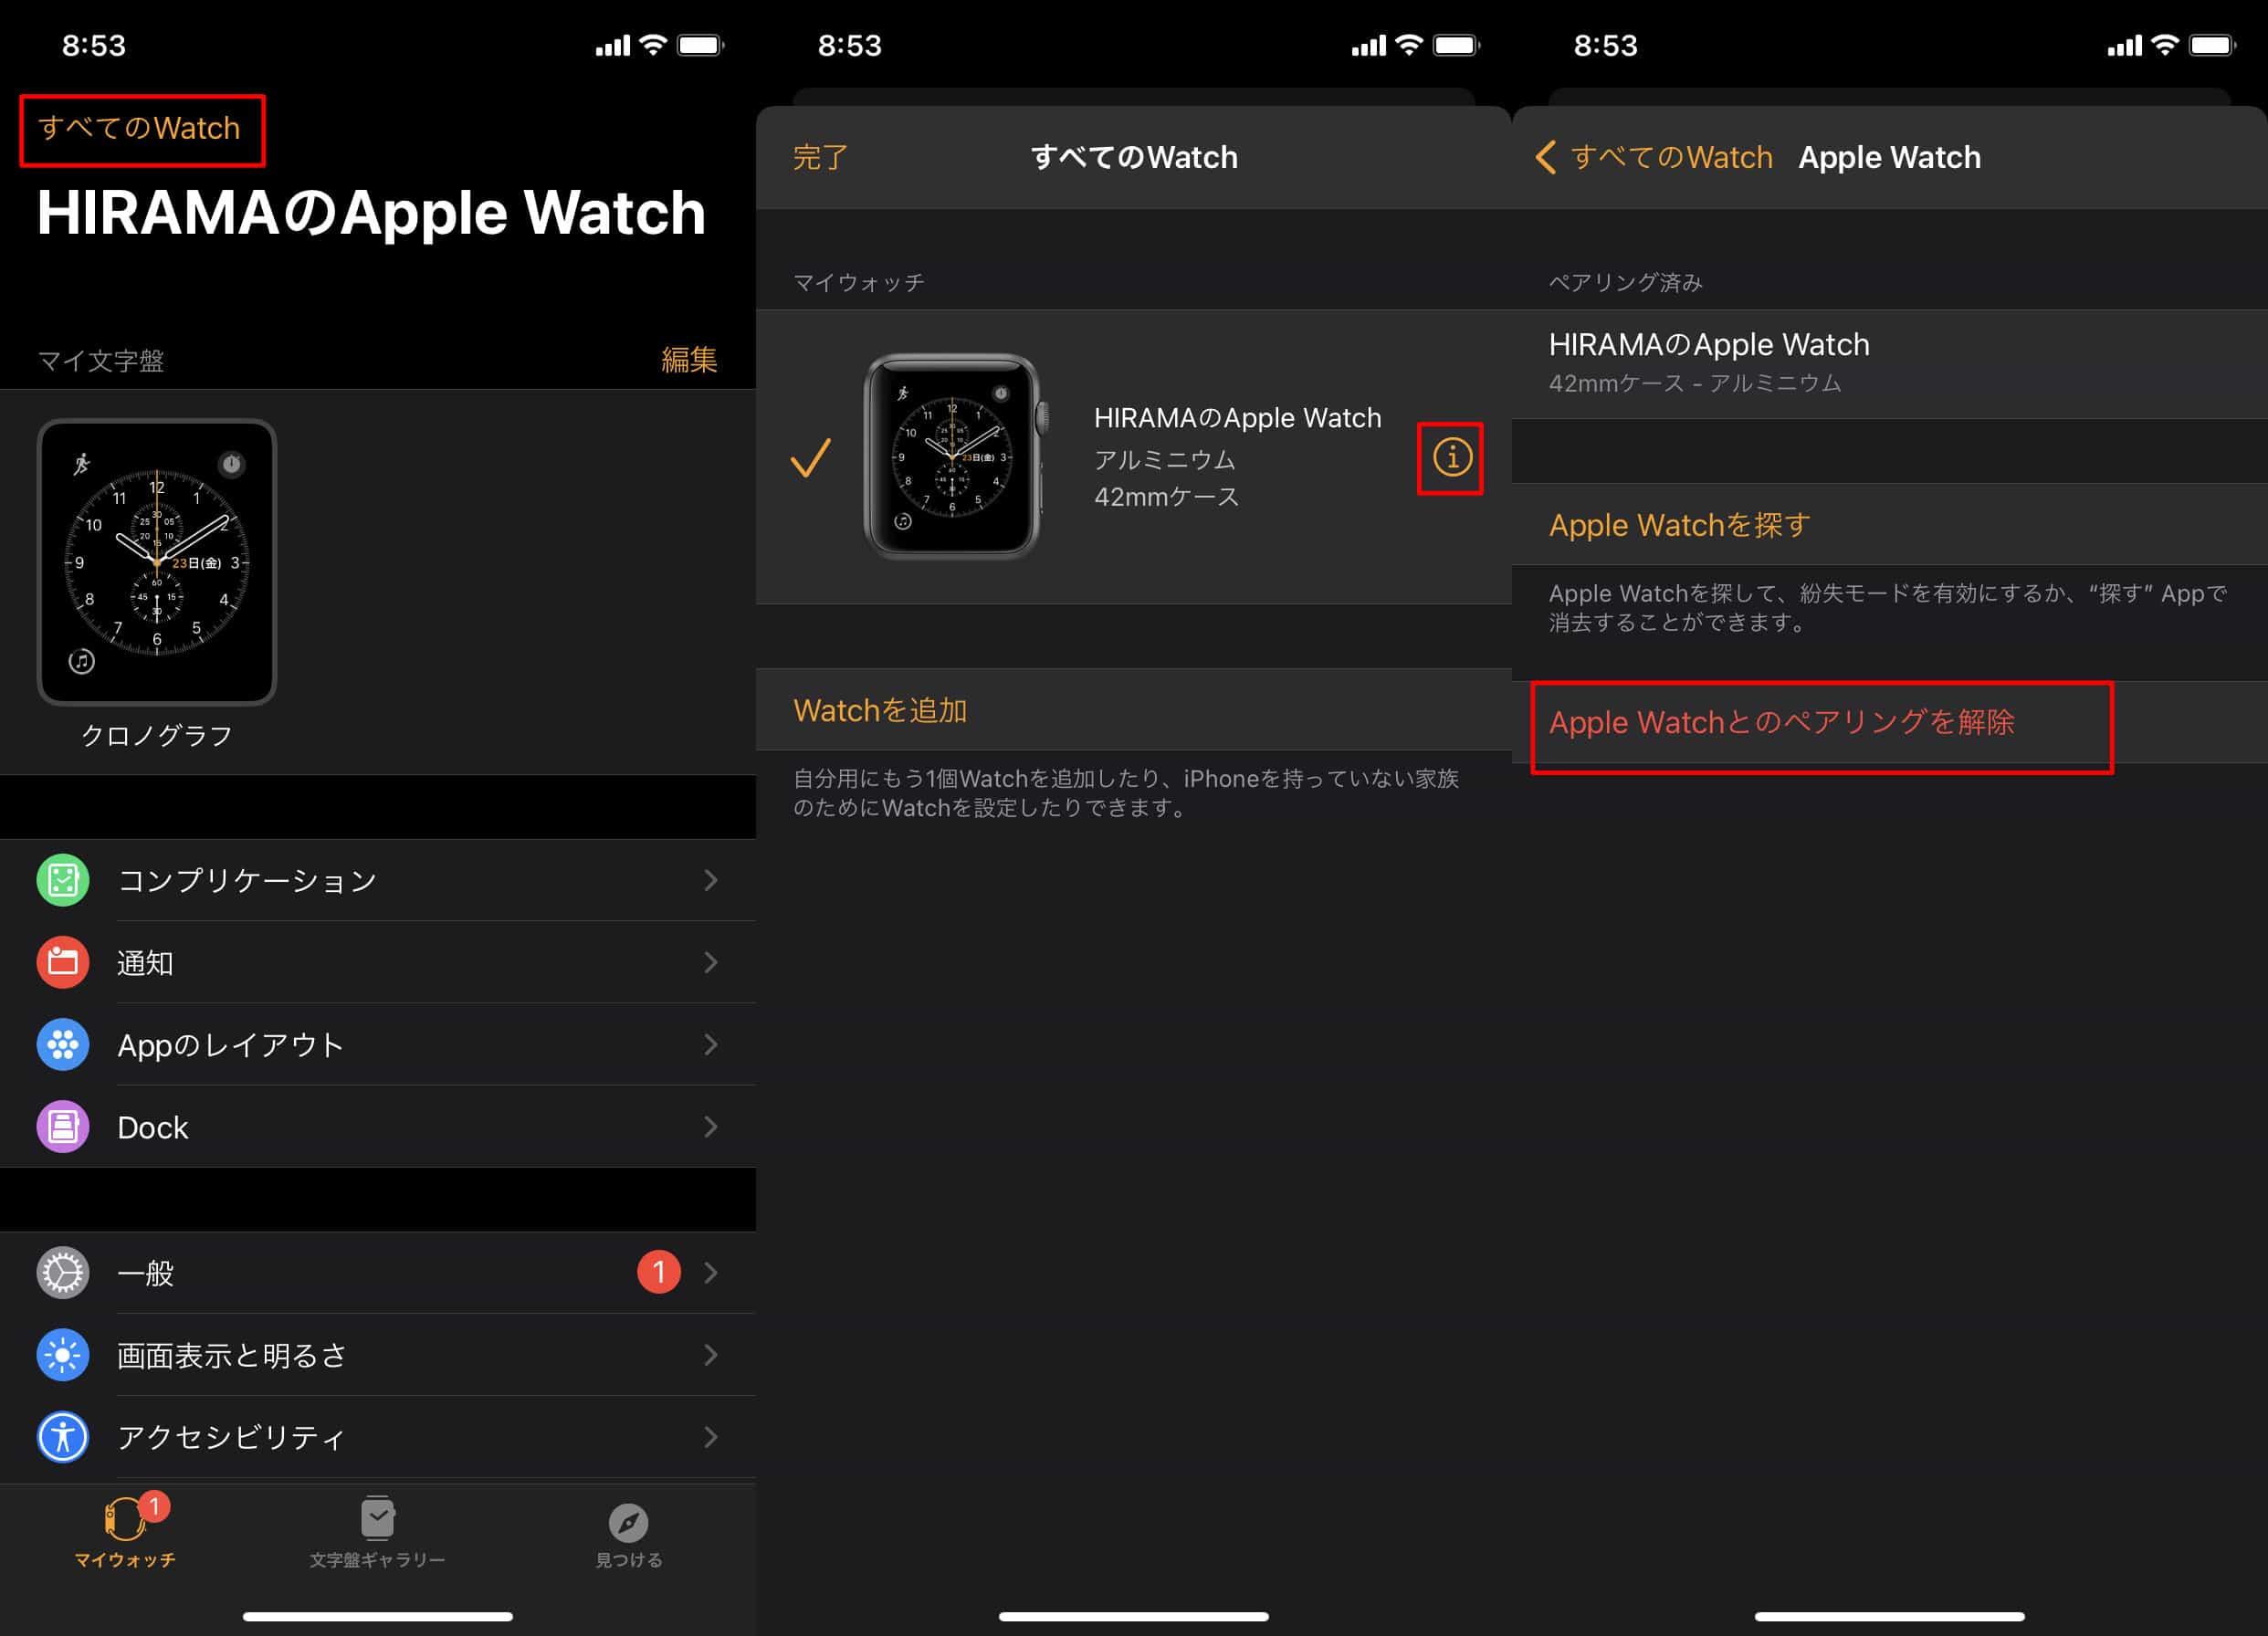 Apple Watch ペアリング解除までの流れ